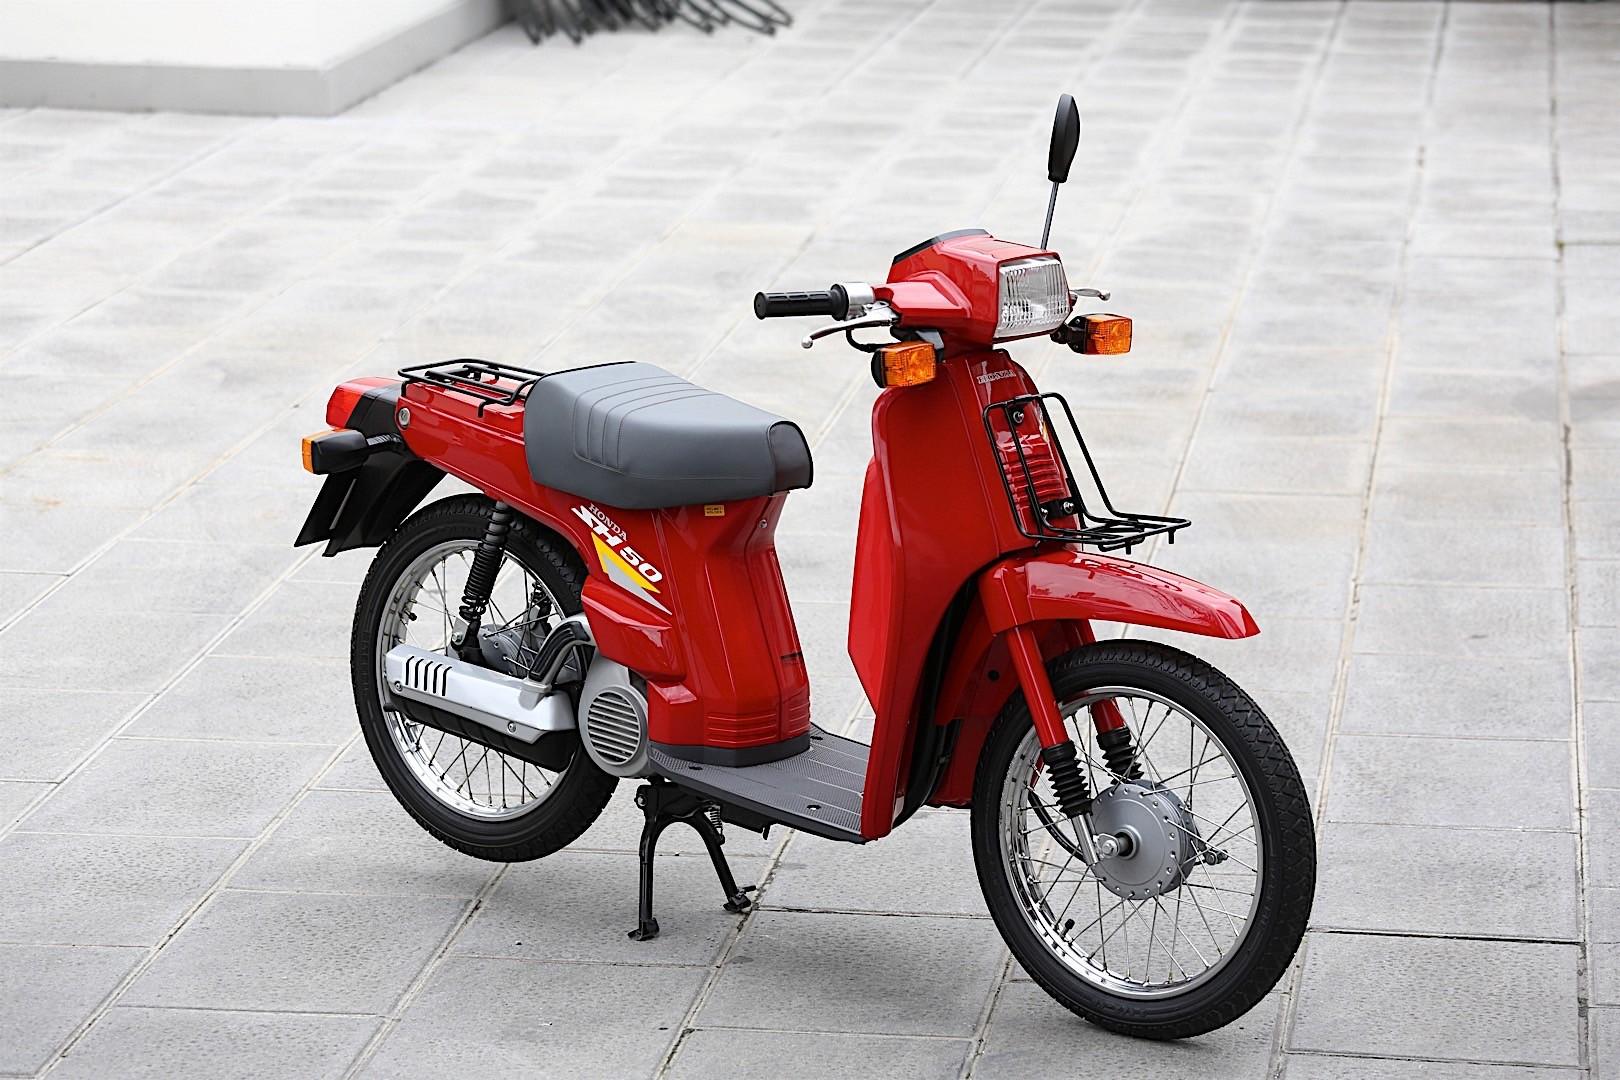 2017 Honda SH125 1984 SH50